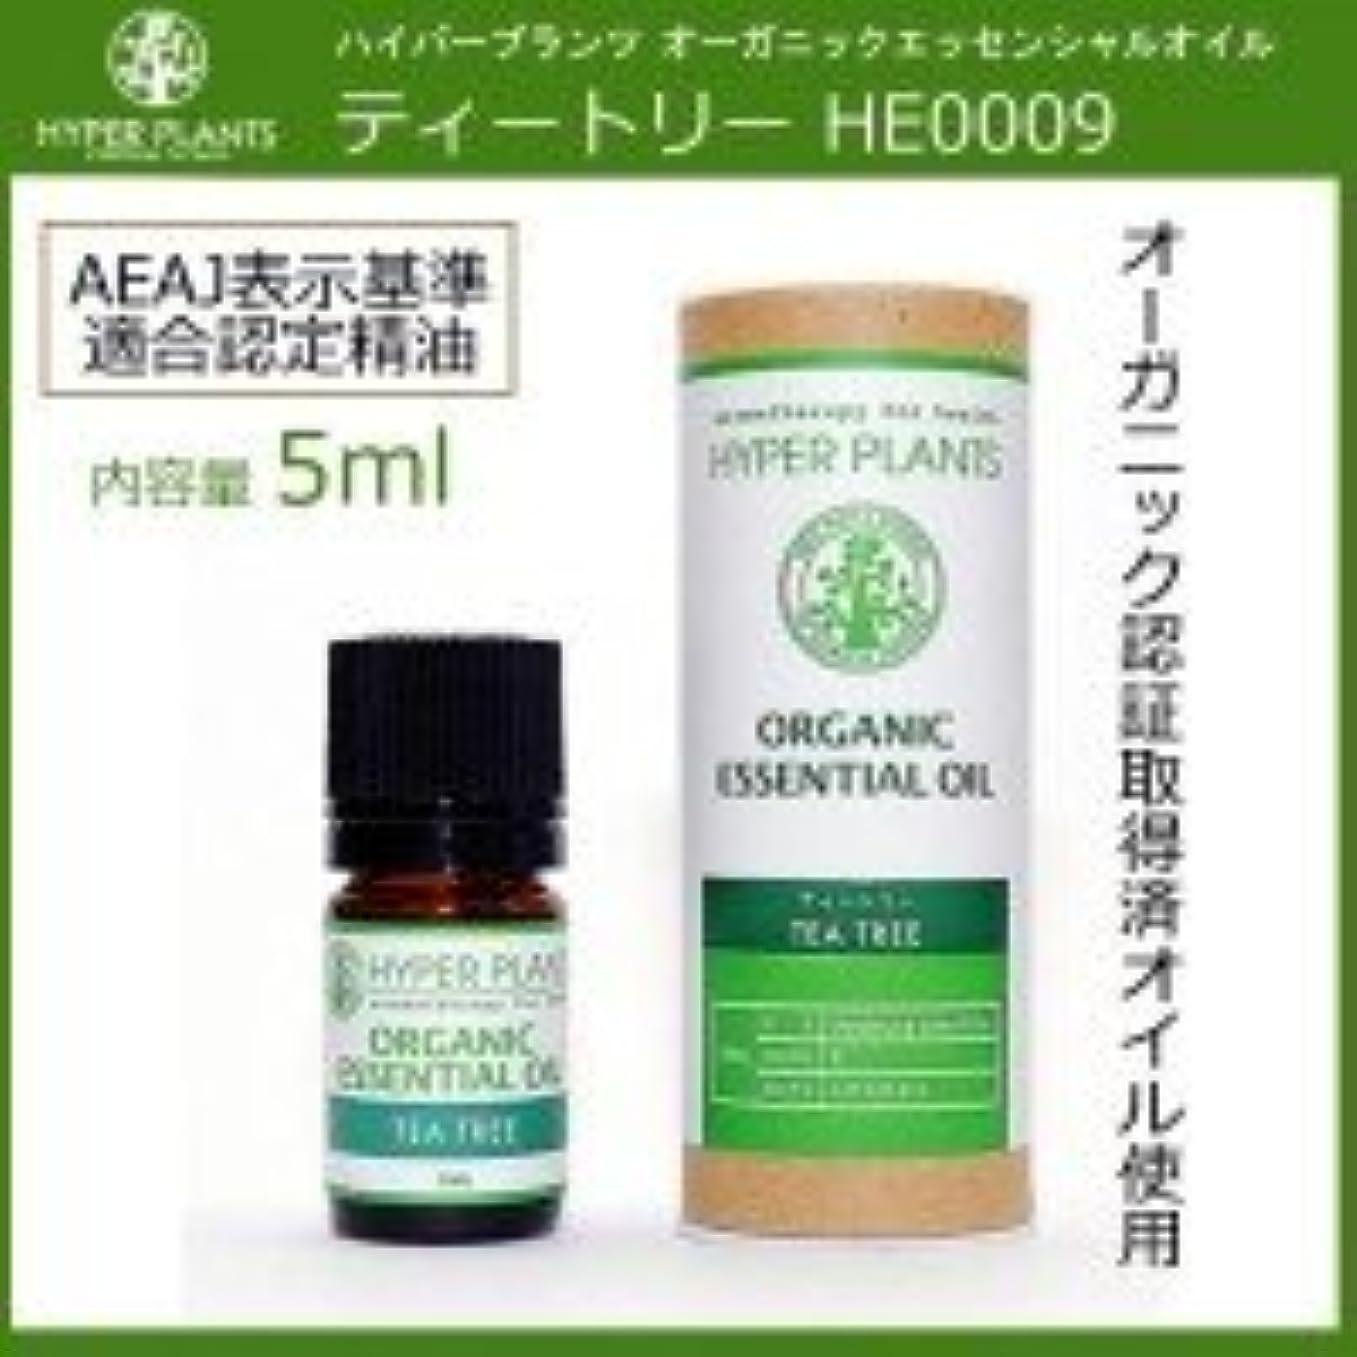 オリエント事故抽象HYPER PLANTS ハイパープランツ オーガニックエッセンシャルオイル ティートリー 5ml HE0009